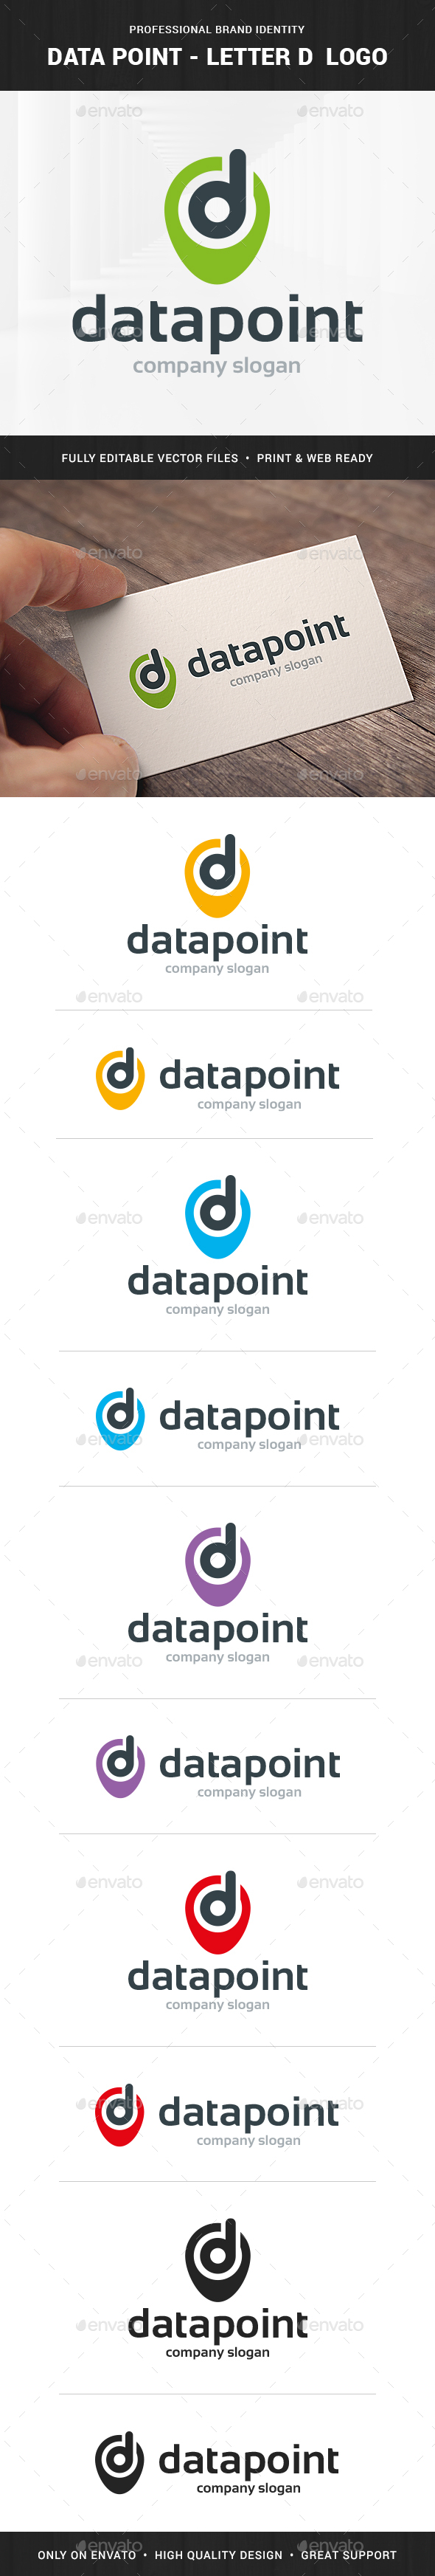 Data Point - Letter D Logo